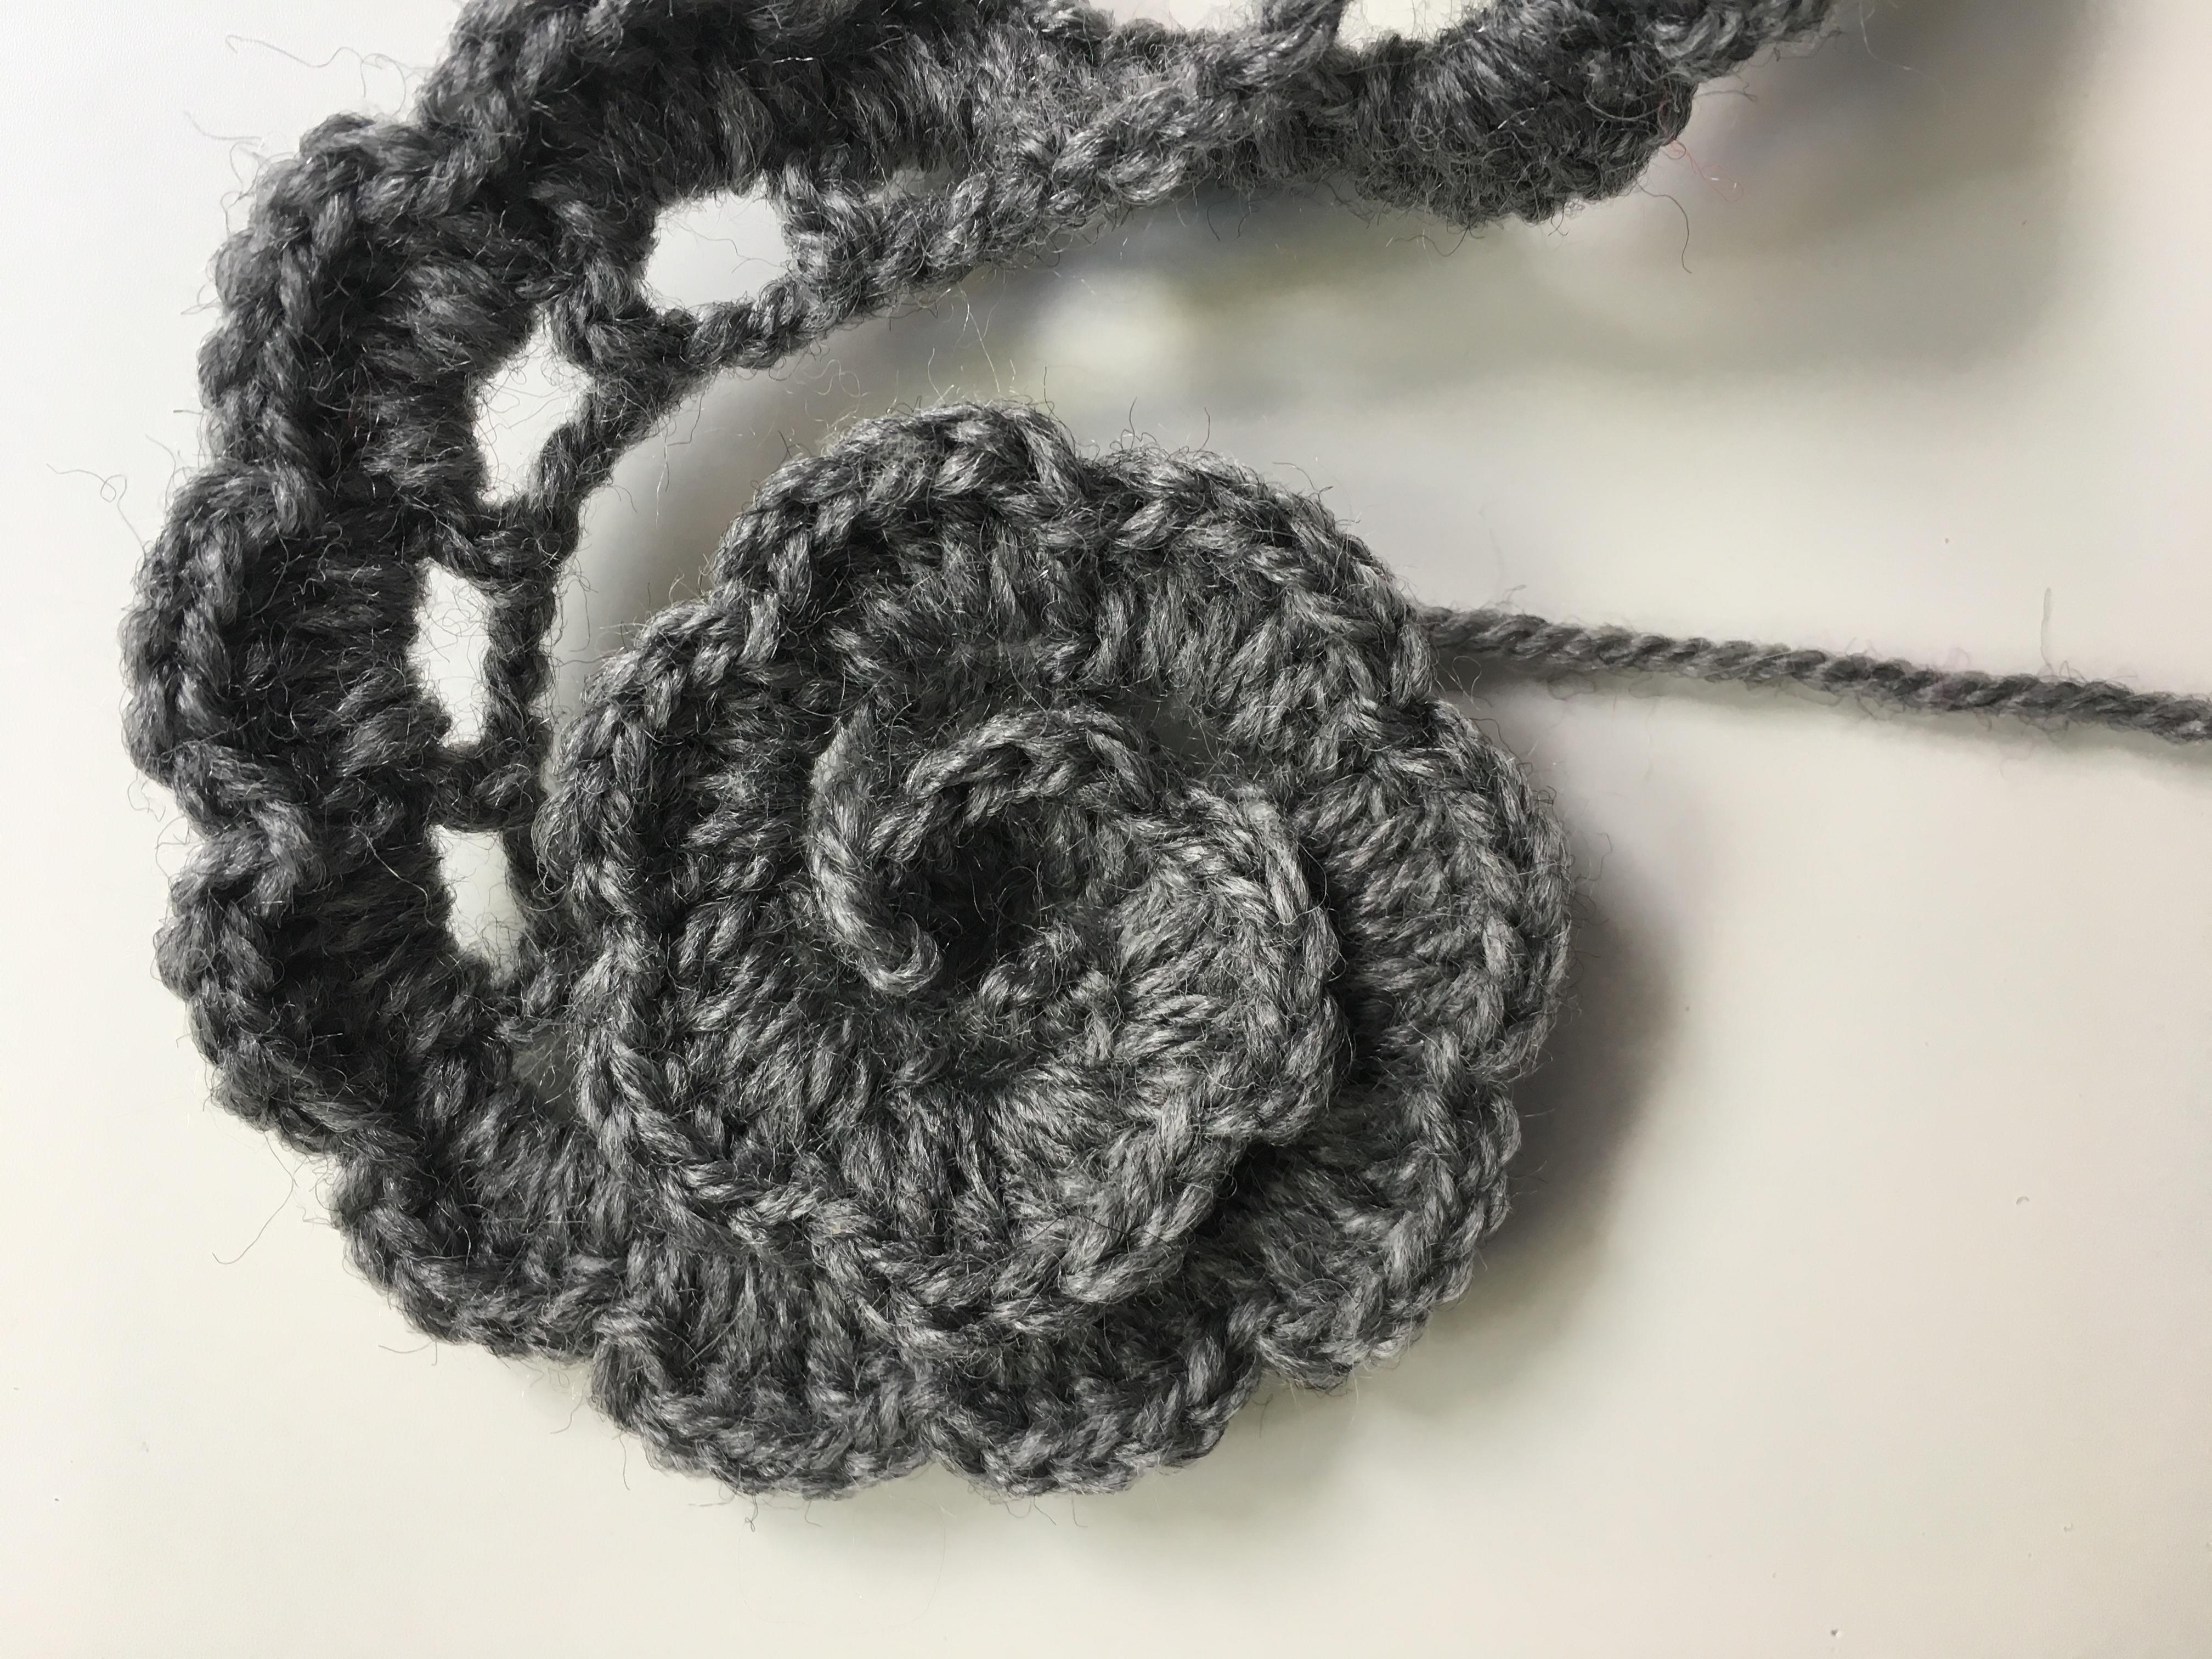 Flores De Crochet En Mis Manitas Diy Blog De Manualidades Y Reciclaje